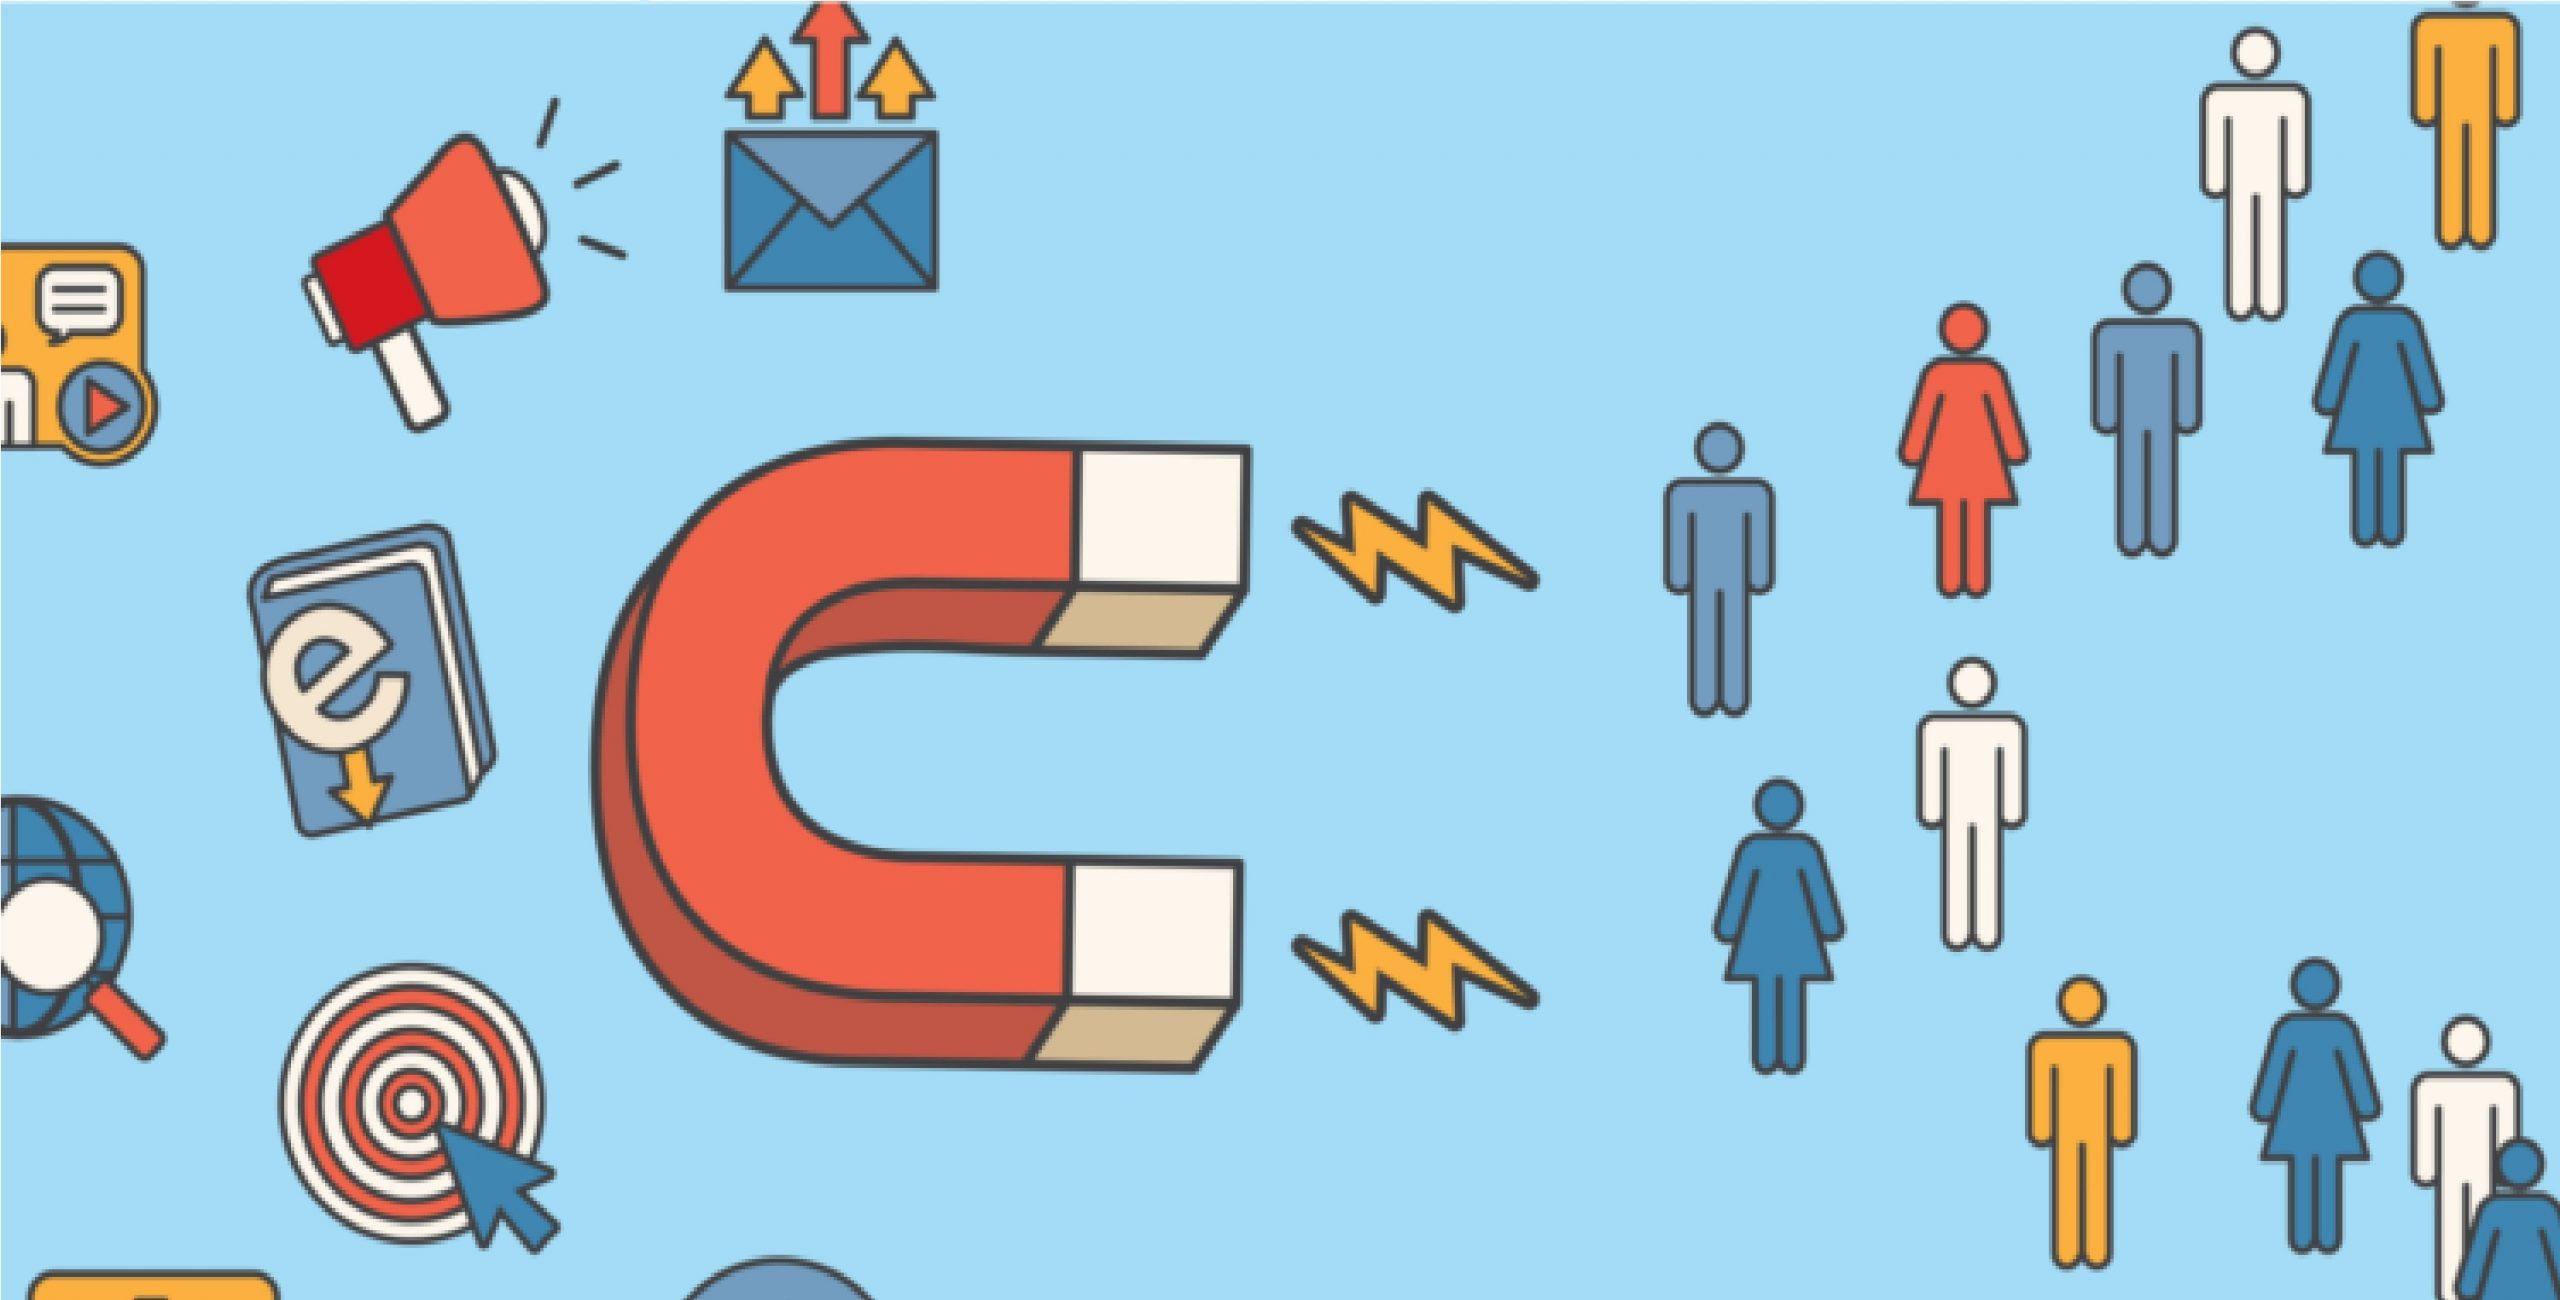 Quảng cáo giúp bạn tiếp cận khách hàng chính xác hơn